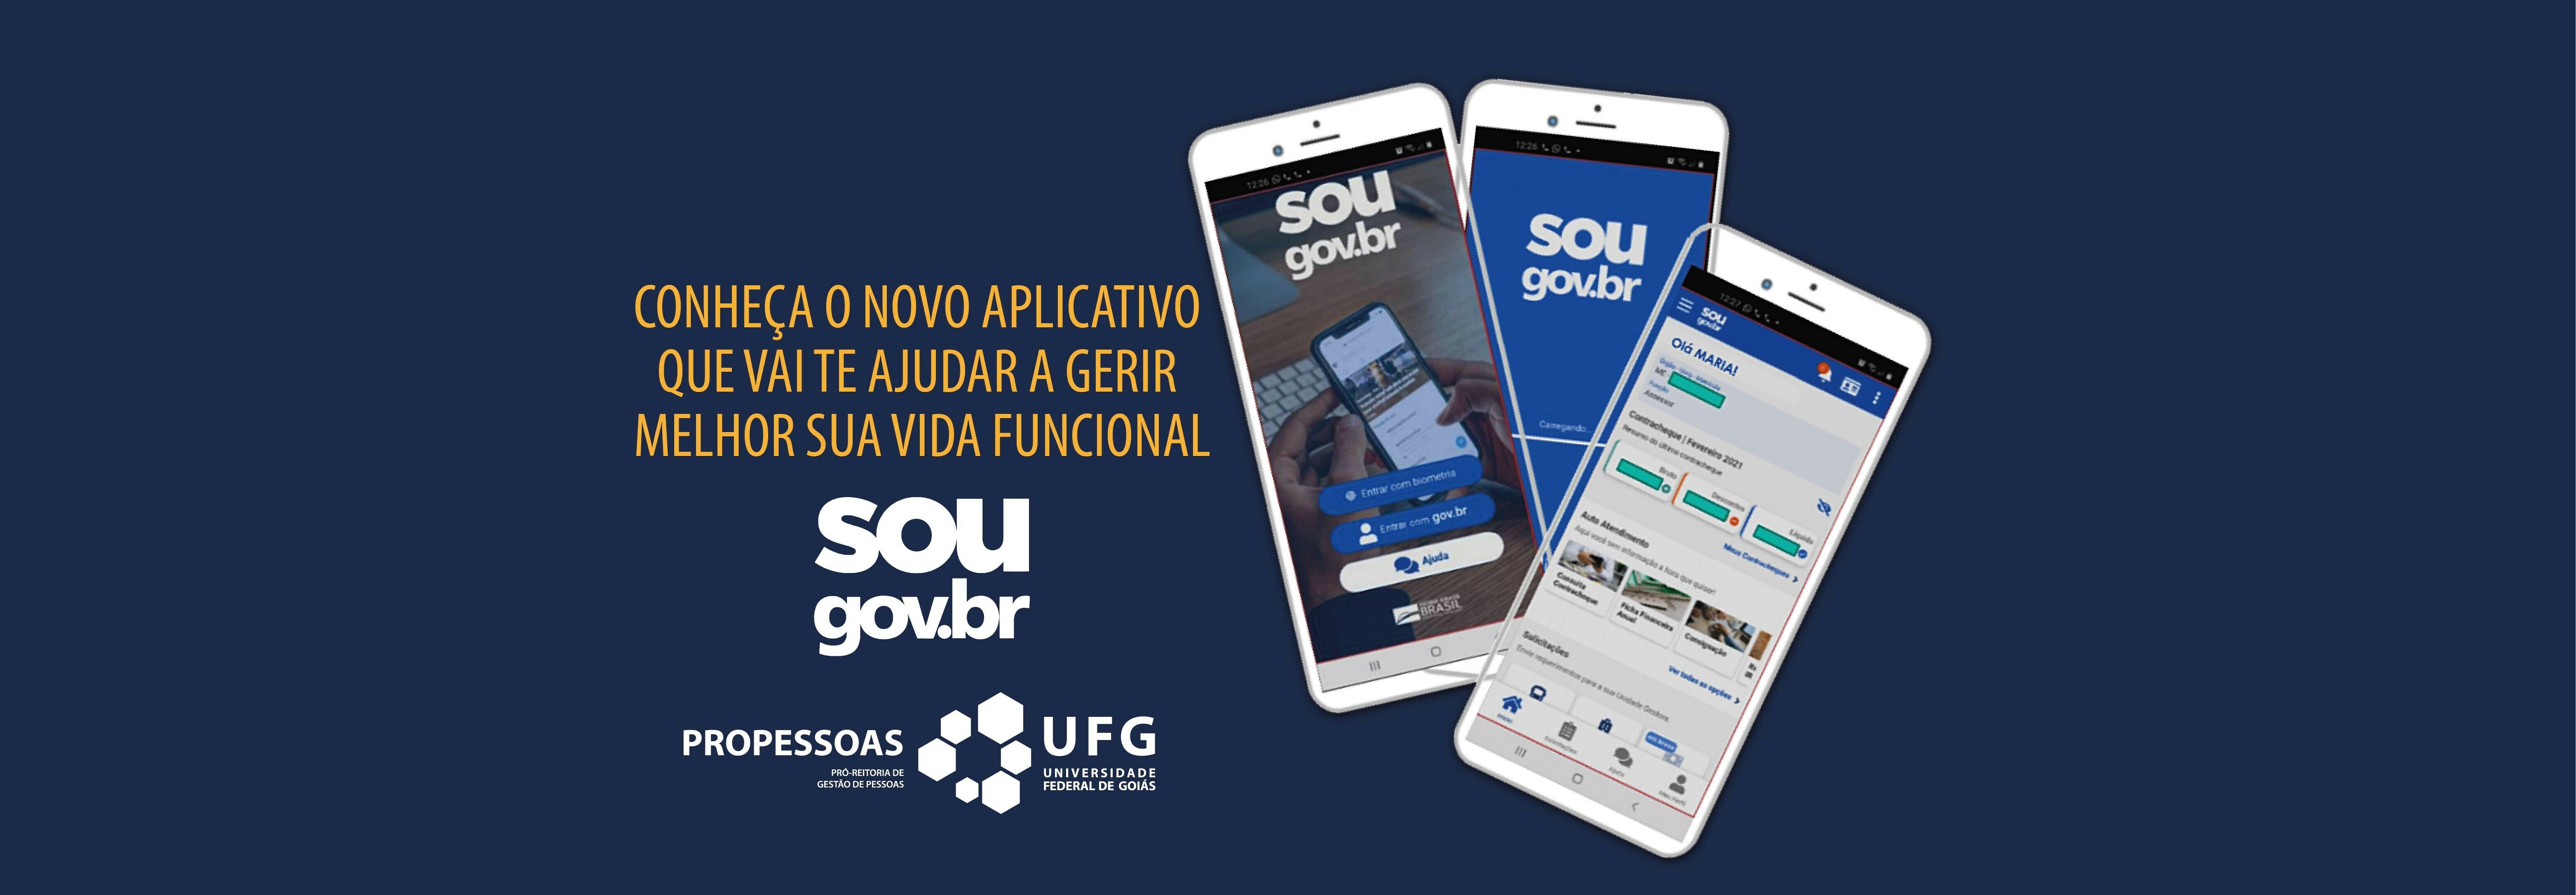 Banner sou gov.br